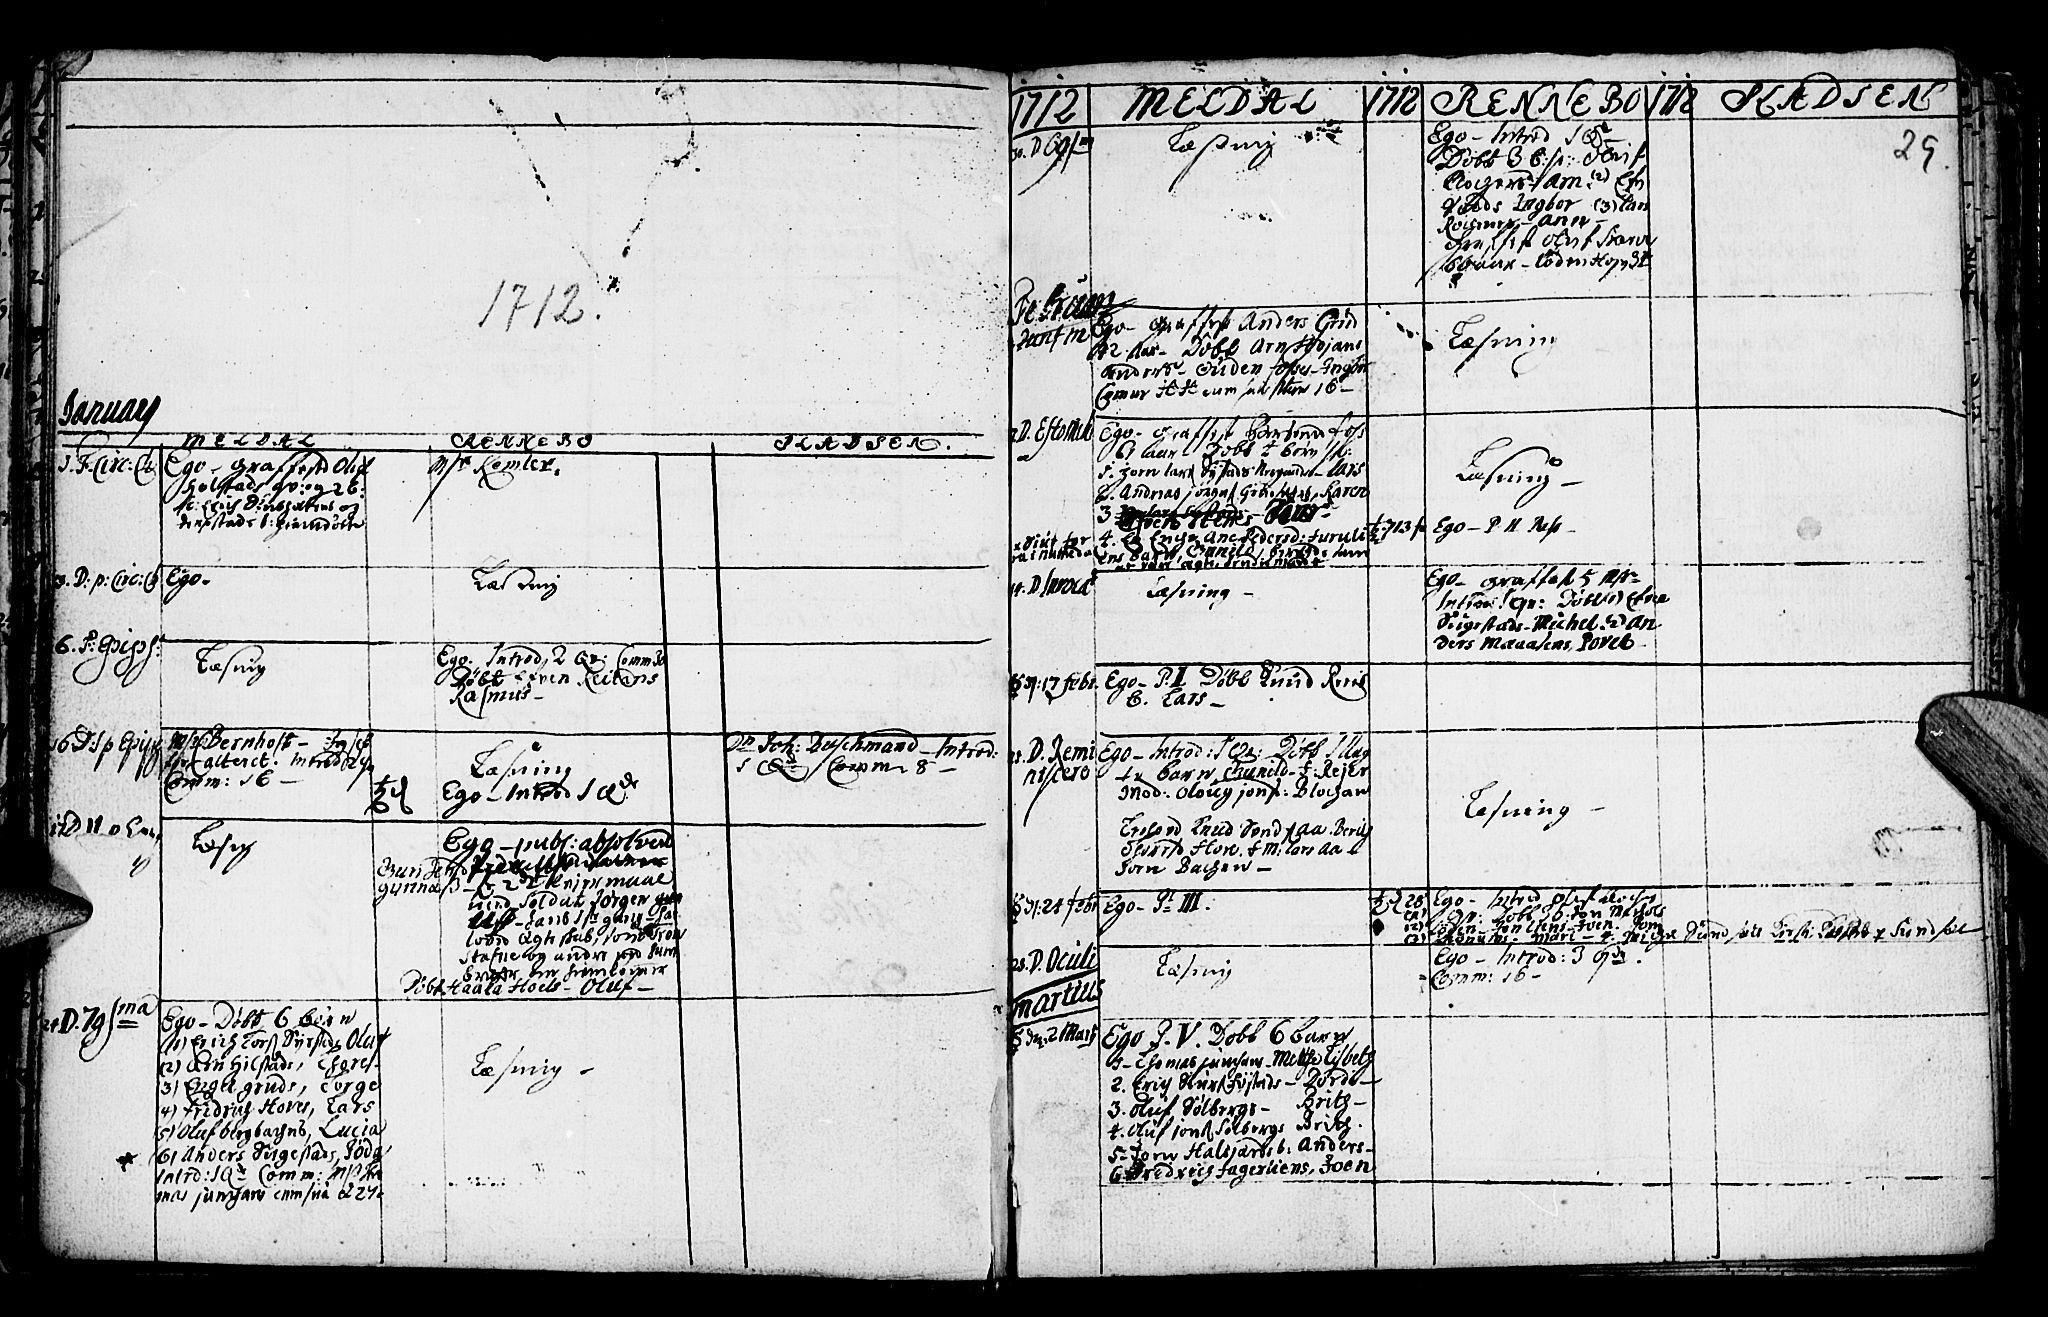 SAT, Ministerialprotokoller, klokkerbøker og fødselsregistre - Sør-Trøndelag, 672/L0849: Ministerialbok nr. 672A02, 1705-1725, s. 29